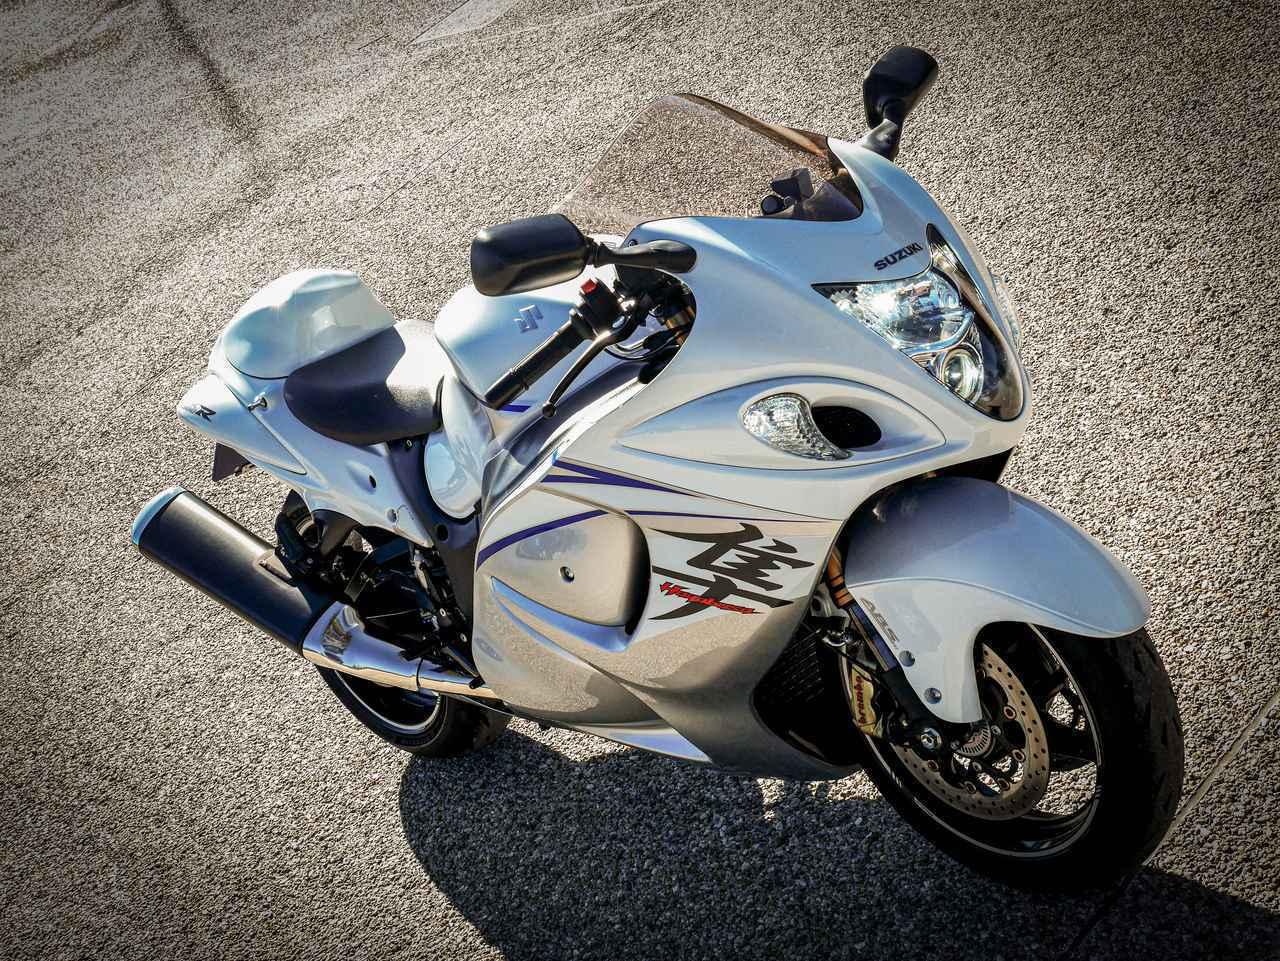 画像: 【LOVE隼】いつ乗っても幸せ。 やっぱりハヤブサはスズキの傑作すぎる大型バイク! - スズキのバイク!